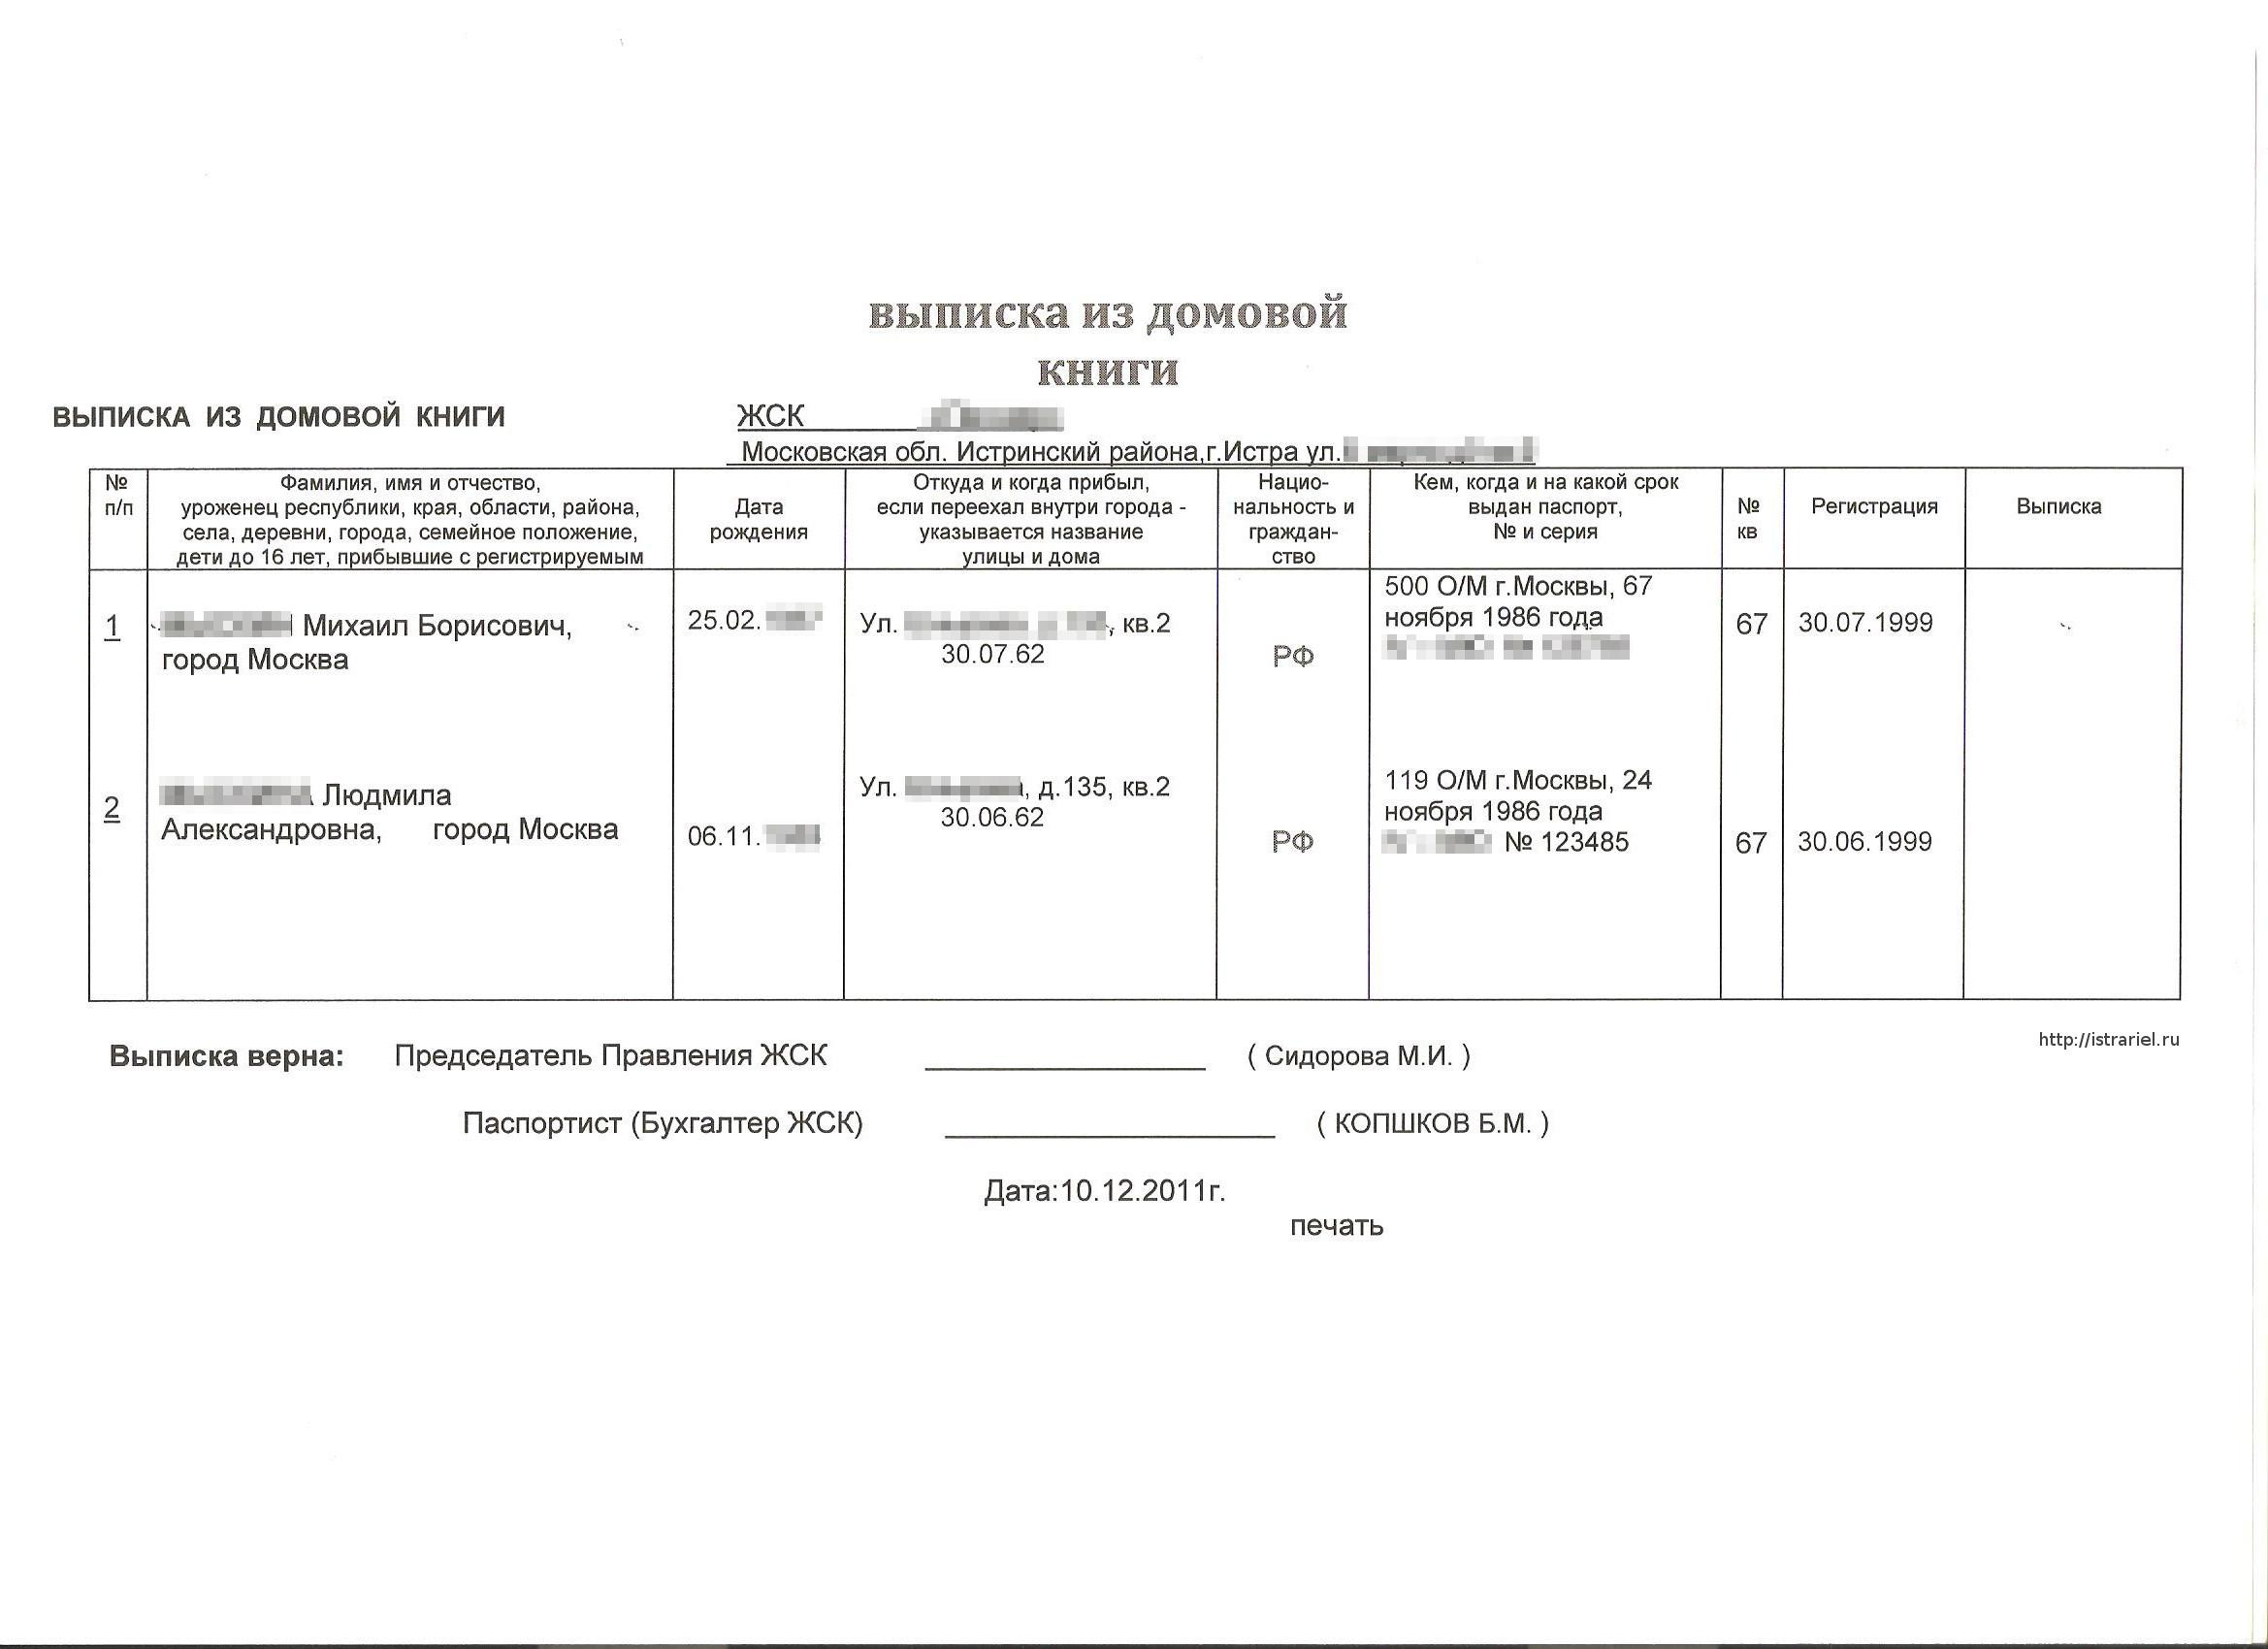 Вписывают ли в домовую книгу при временной регистрации работа по патенту гражданам рф